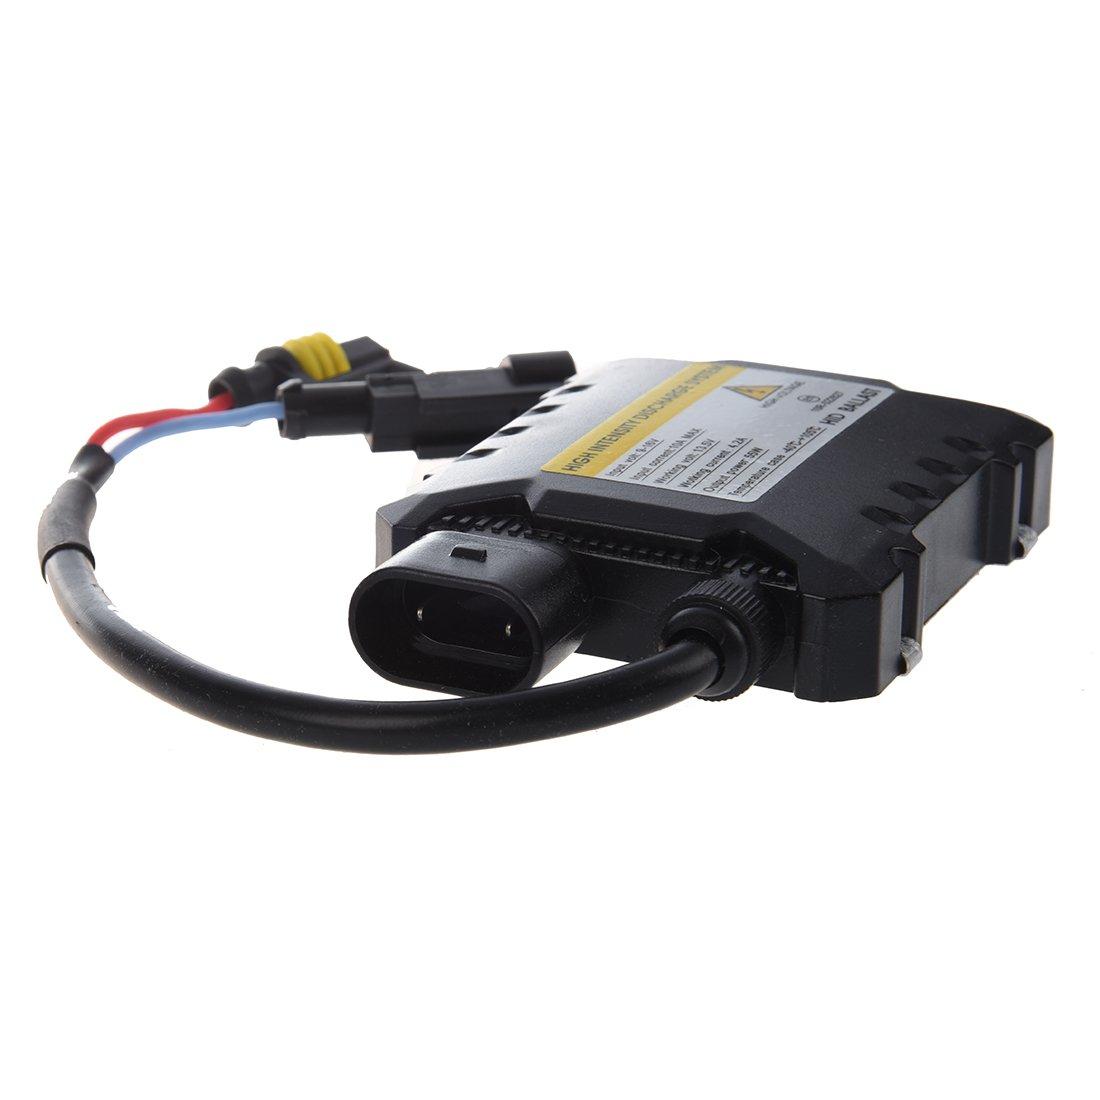 TOOGOO Mince 35W Xenon HID numerique de remplacement Ballast electronique Conversion Kit pour H1 H3 H4 H7 H8 H9 H11 9005 9006 9004 9007 H13 R